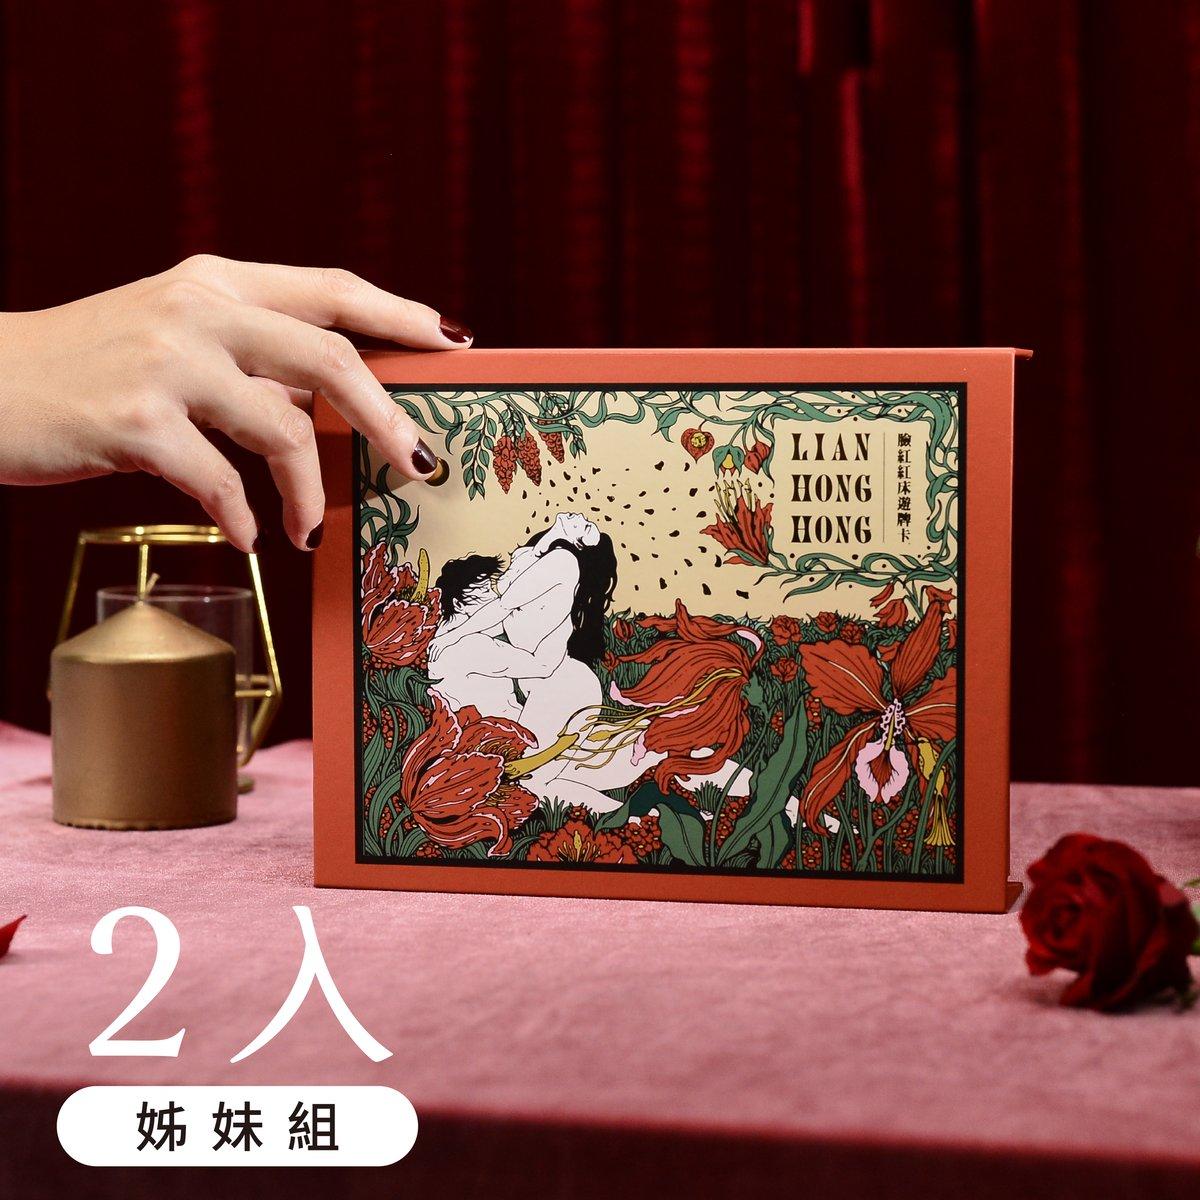 (獨家)臉紅紅床遊卡牌+限量海報兩入組|一組自用,一組送人